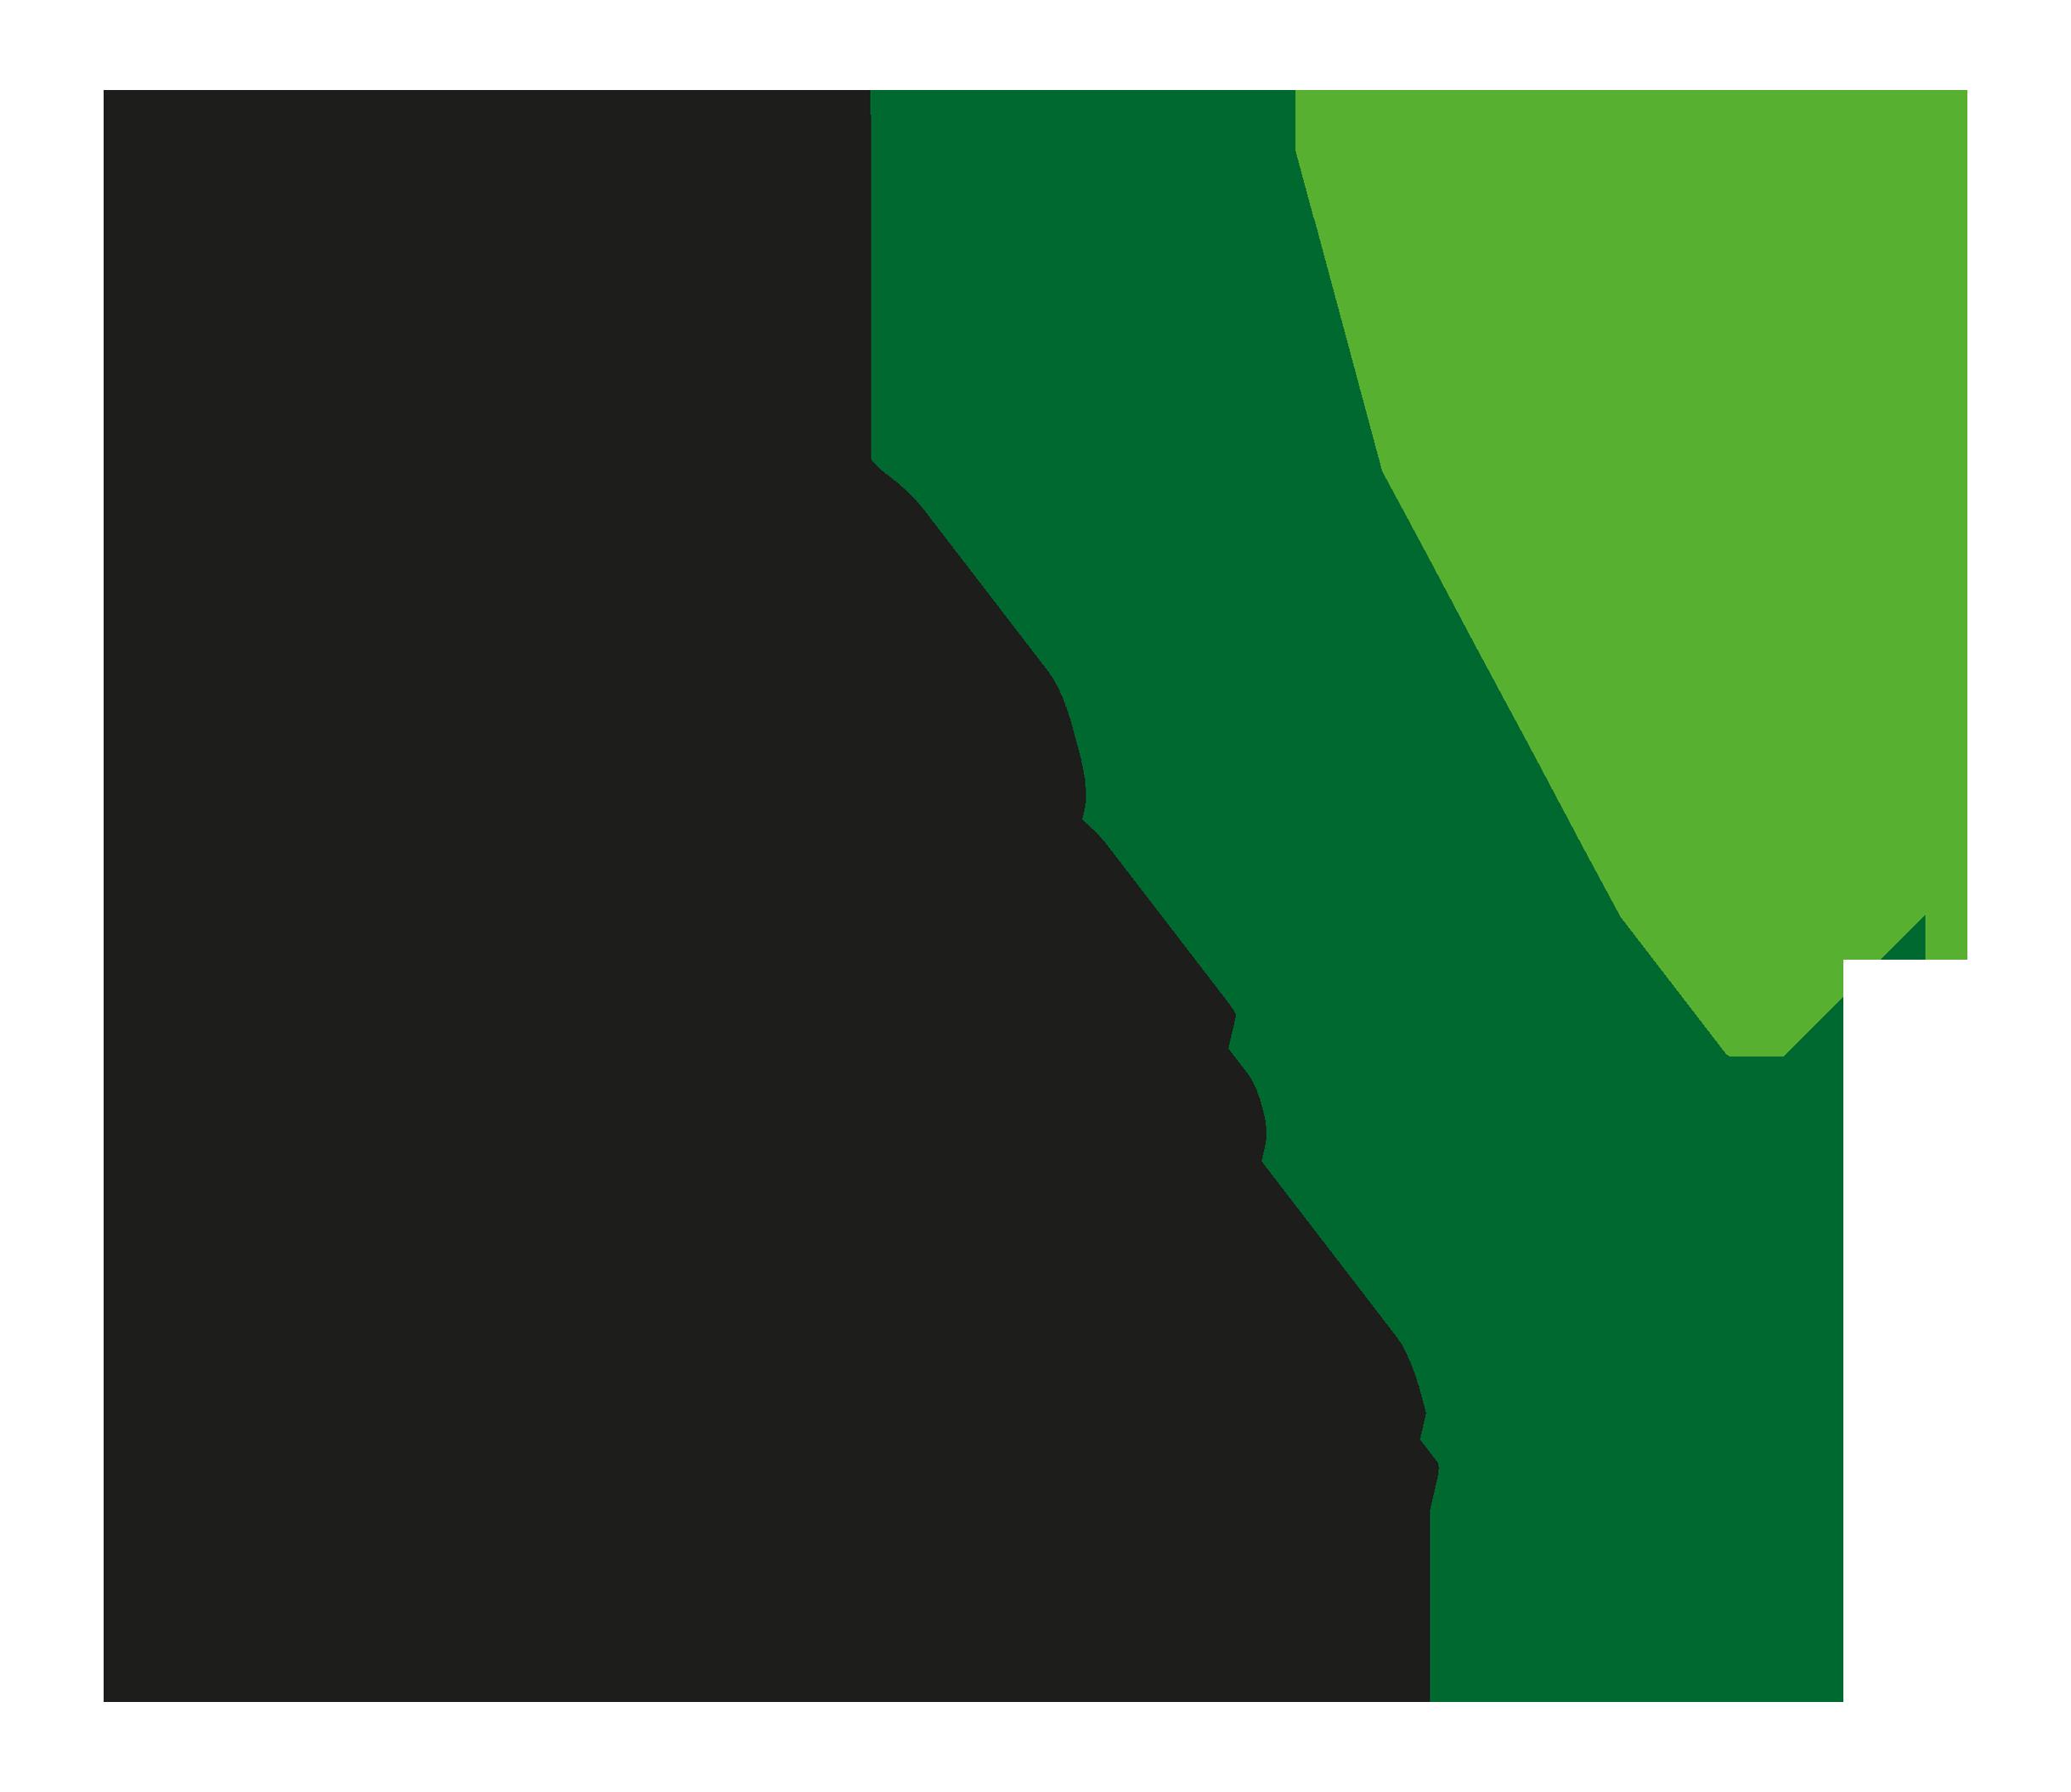 Nardo og Melhus Bilskade AS